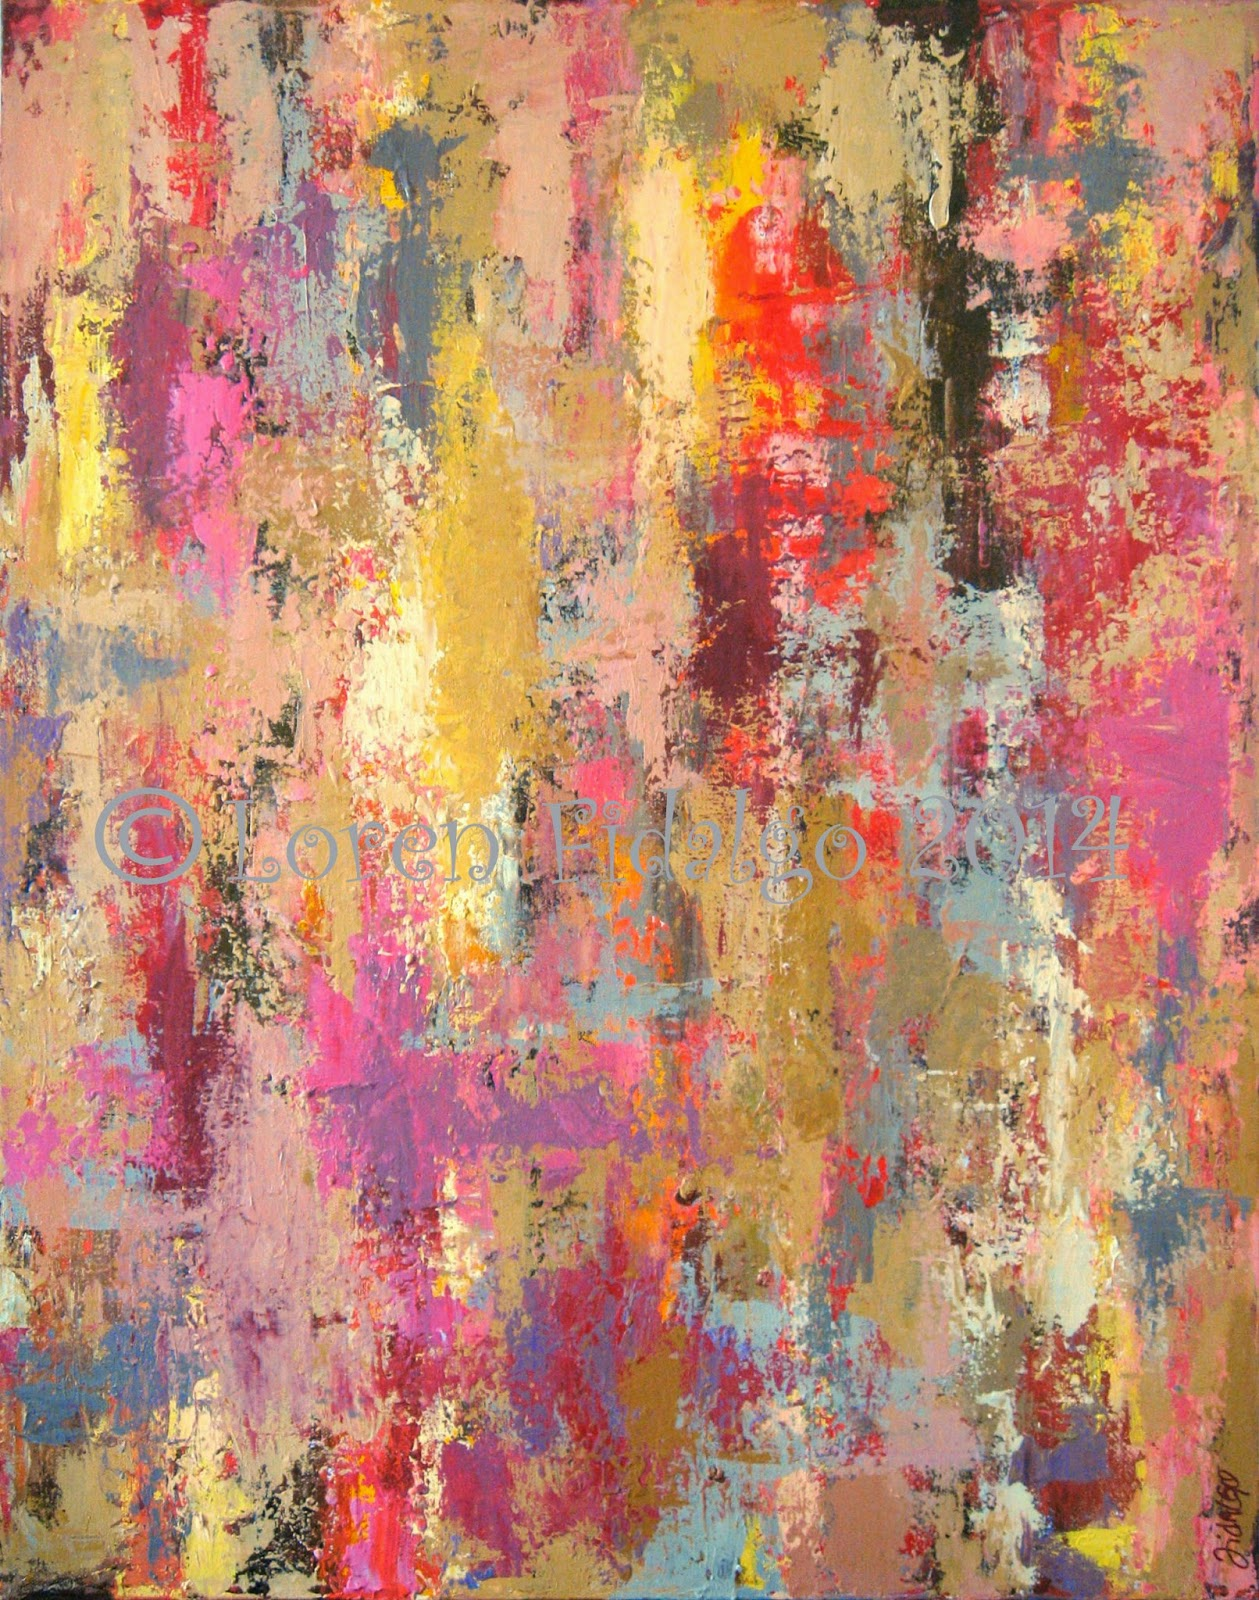 http://lorenfidalgoart.blogspot.com/p/between-feelings.html